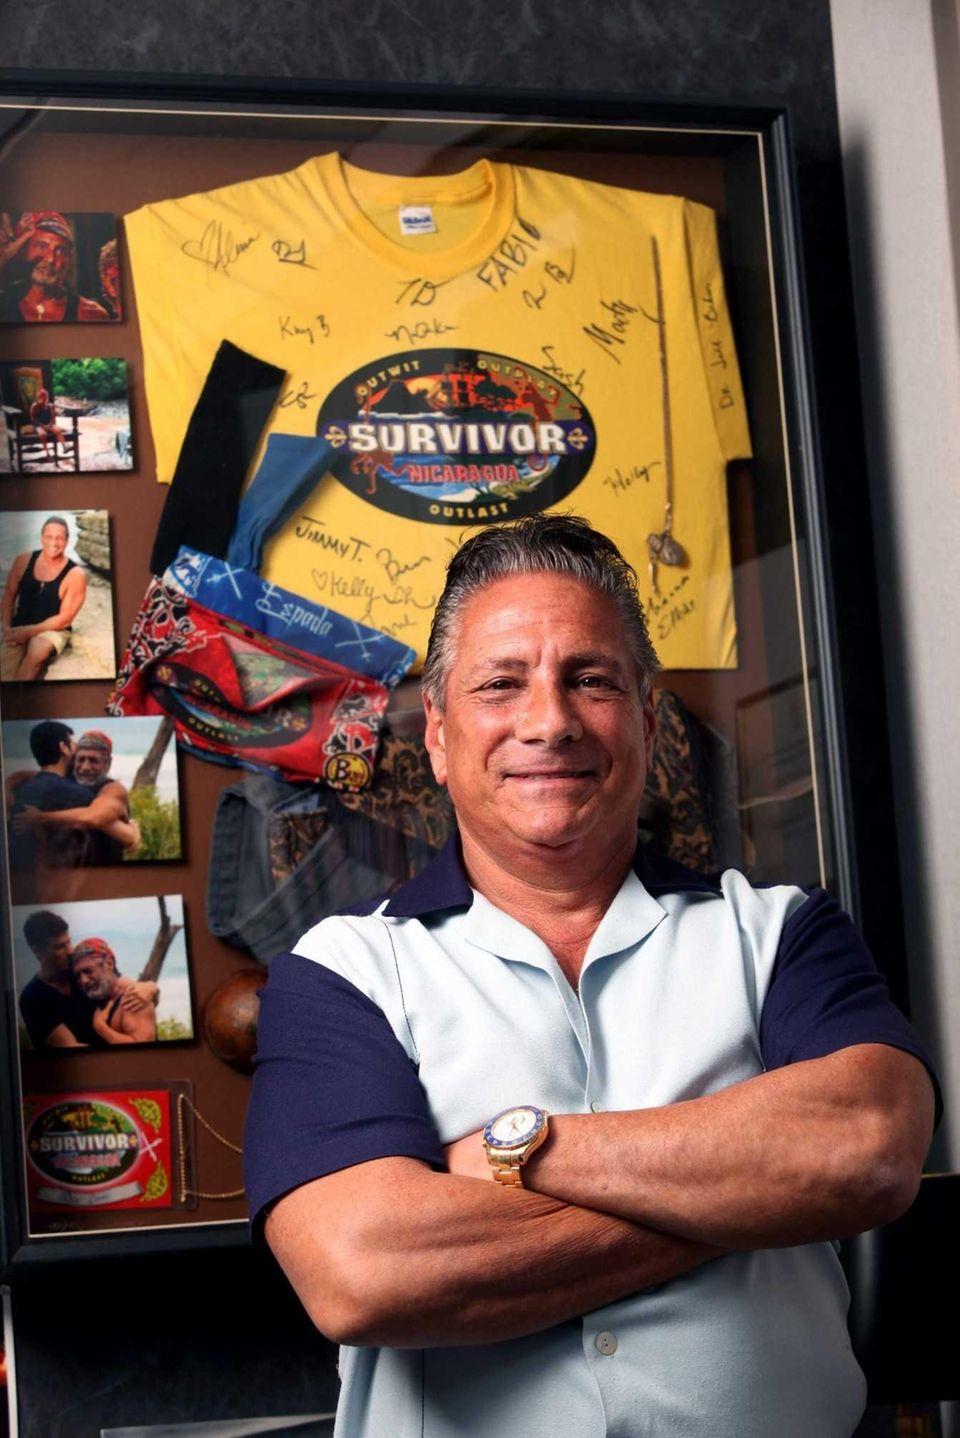 At 63, real estate executive Dan Lembo, who